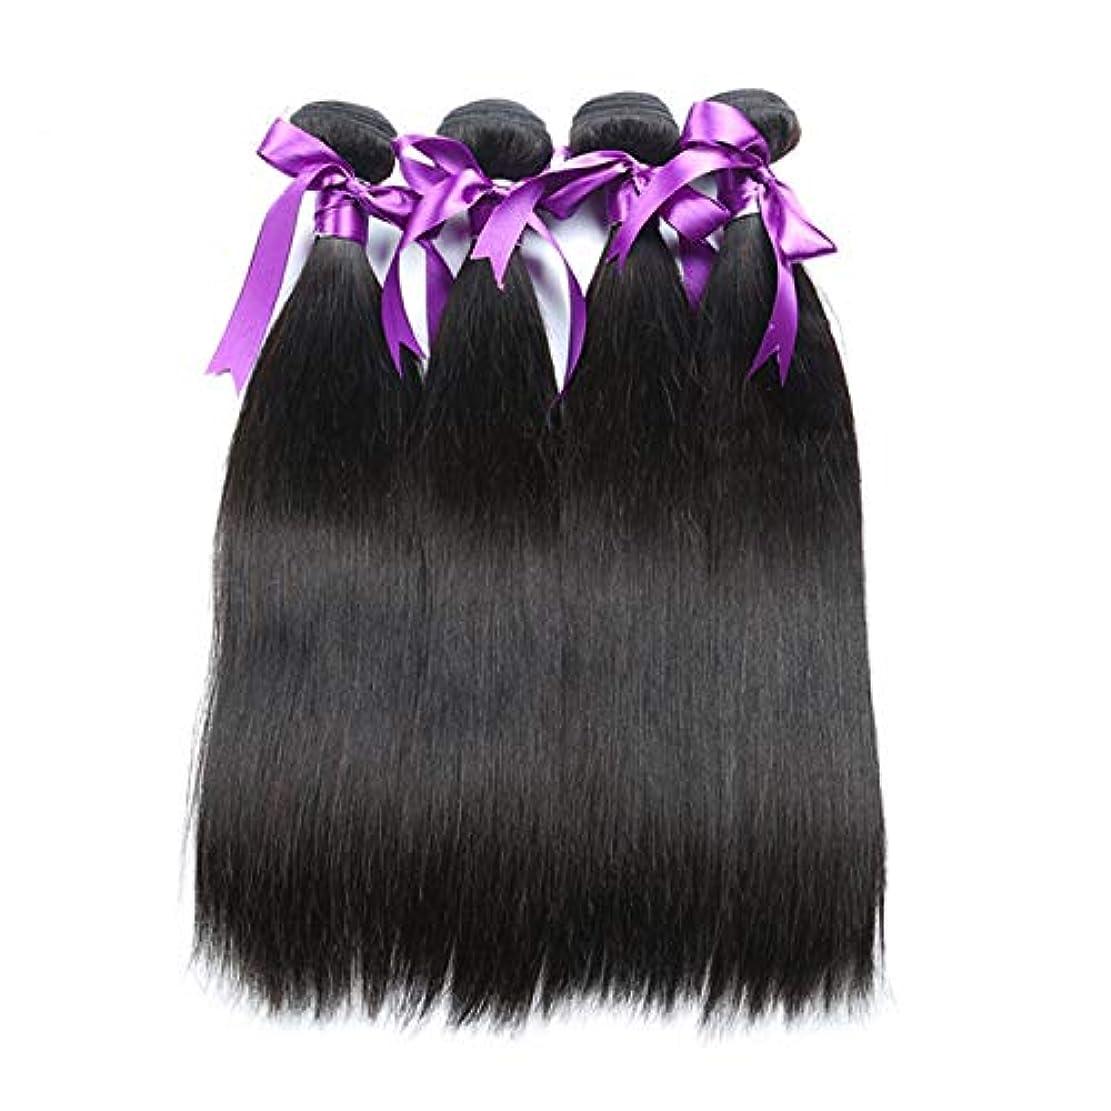 国際私略すかつら マレーシアのストレートヘア4本の人間の髪の束非レミーの毛の延長天然黒体毛髪のかつら (Length : 8 8 10 10)